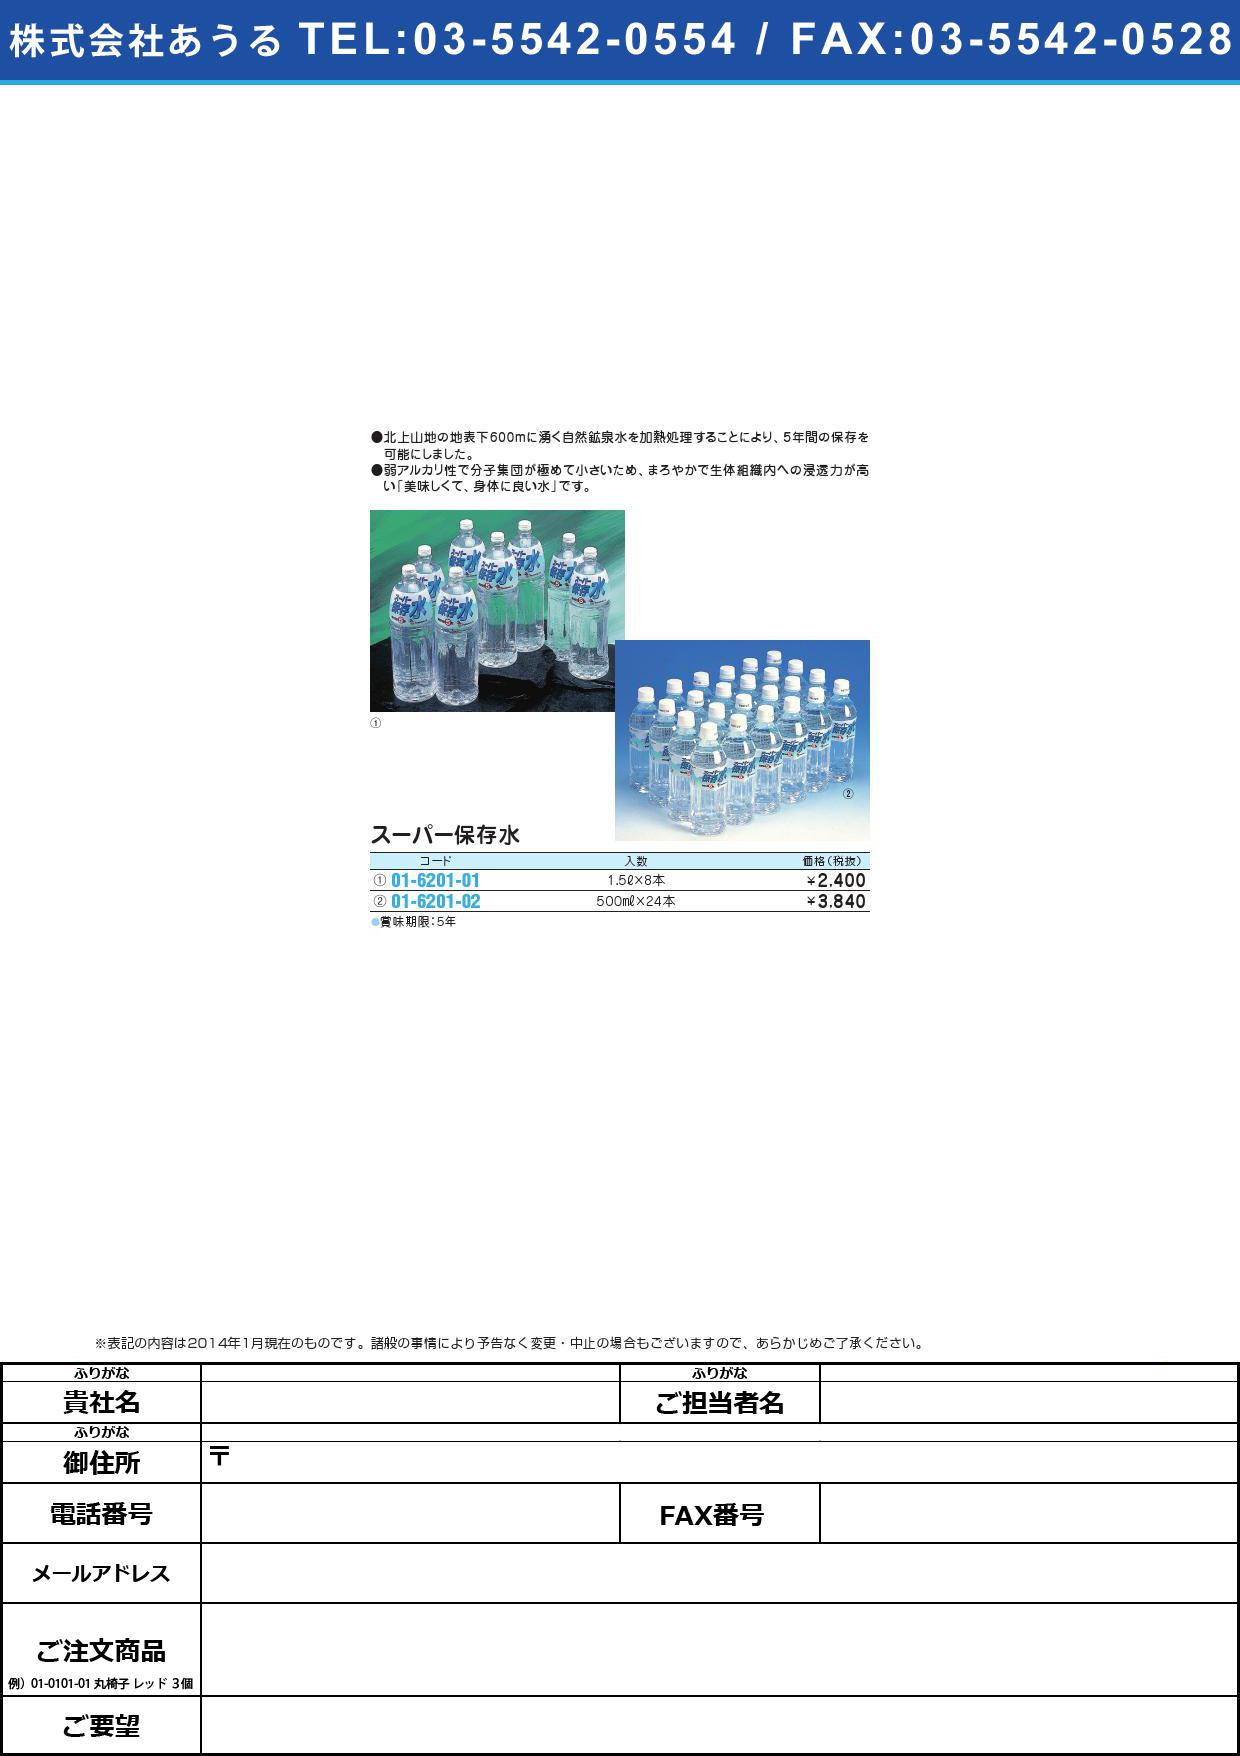 (01-6201-02)スーパー保存飲料水(賞味期限5年) スーパーホゾンスイ(01-6201-02)2004(500ML)24ホンイリ【1梱単位】【2014年カタログ商品】